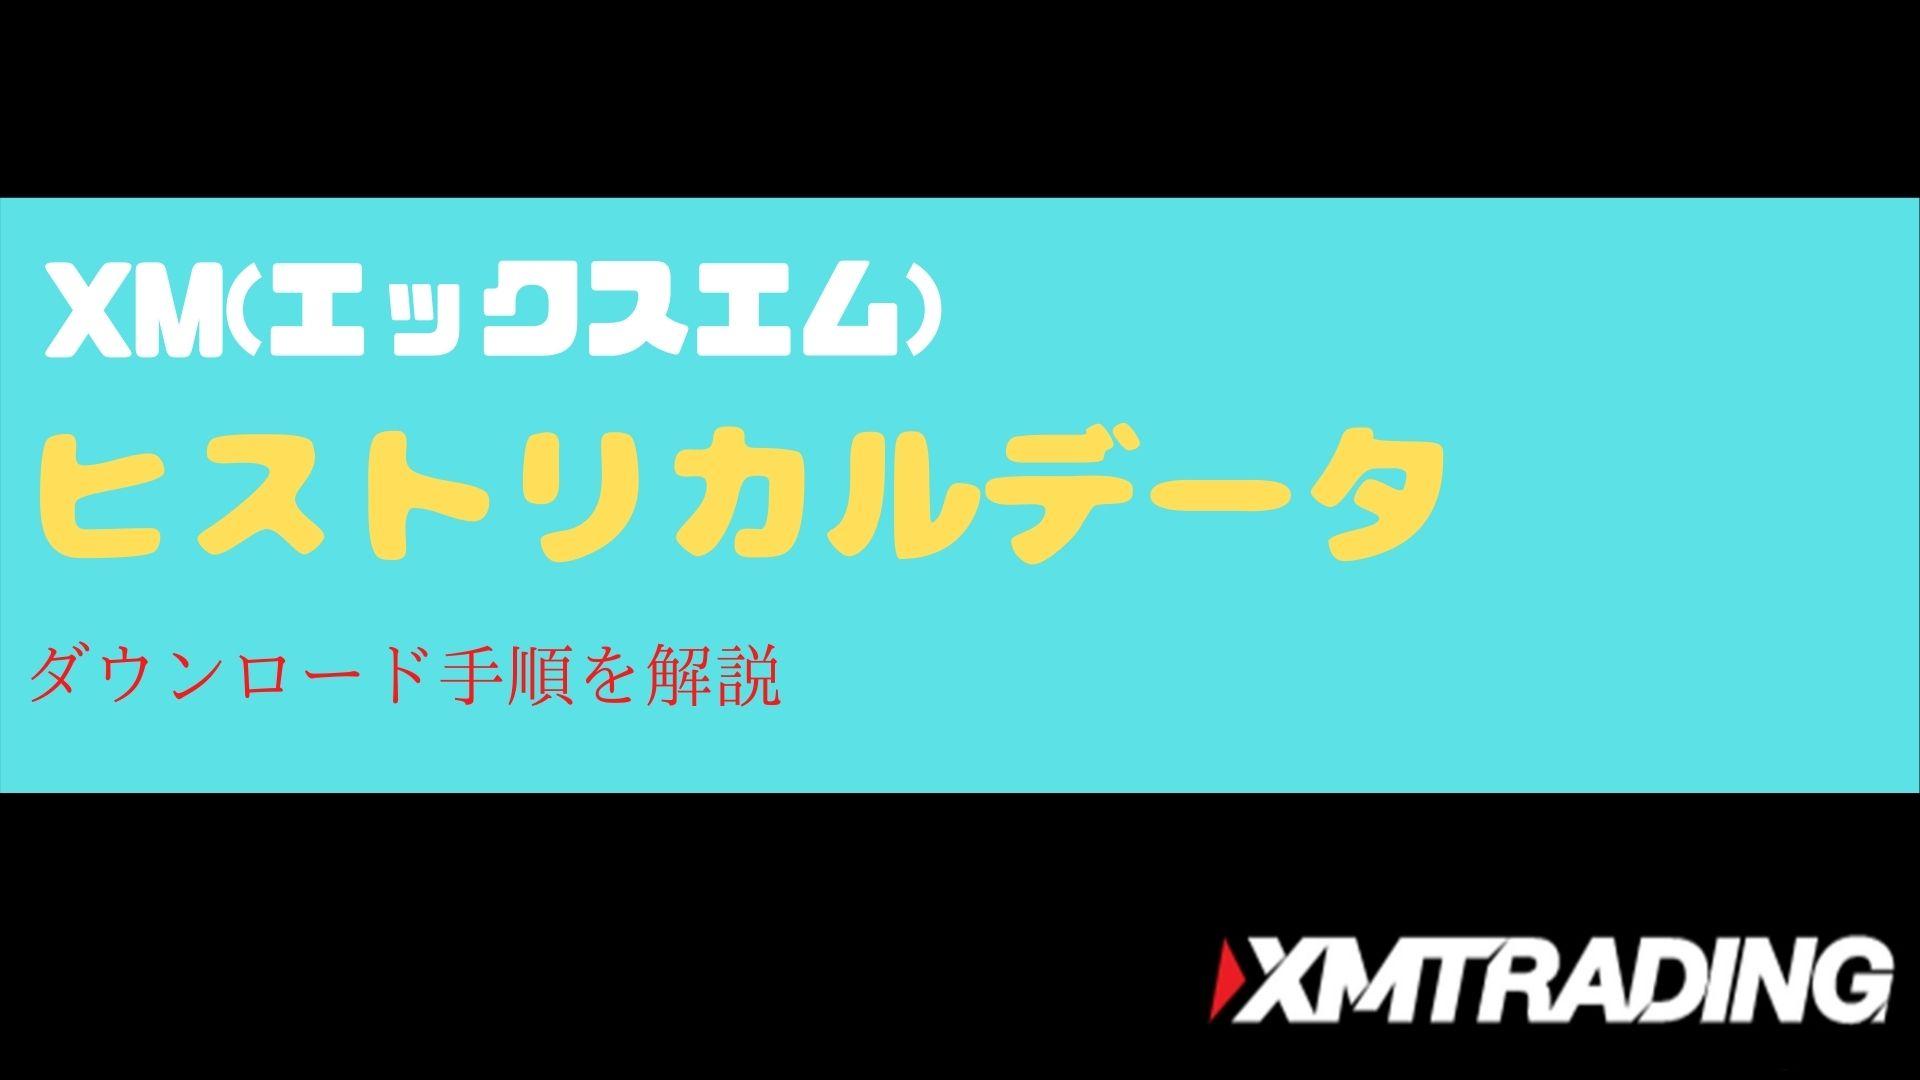 xm-historicaldata-title